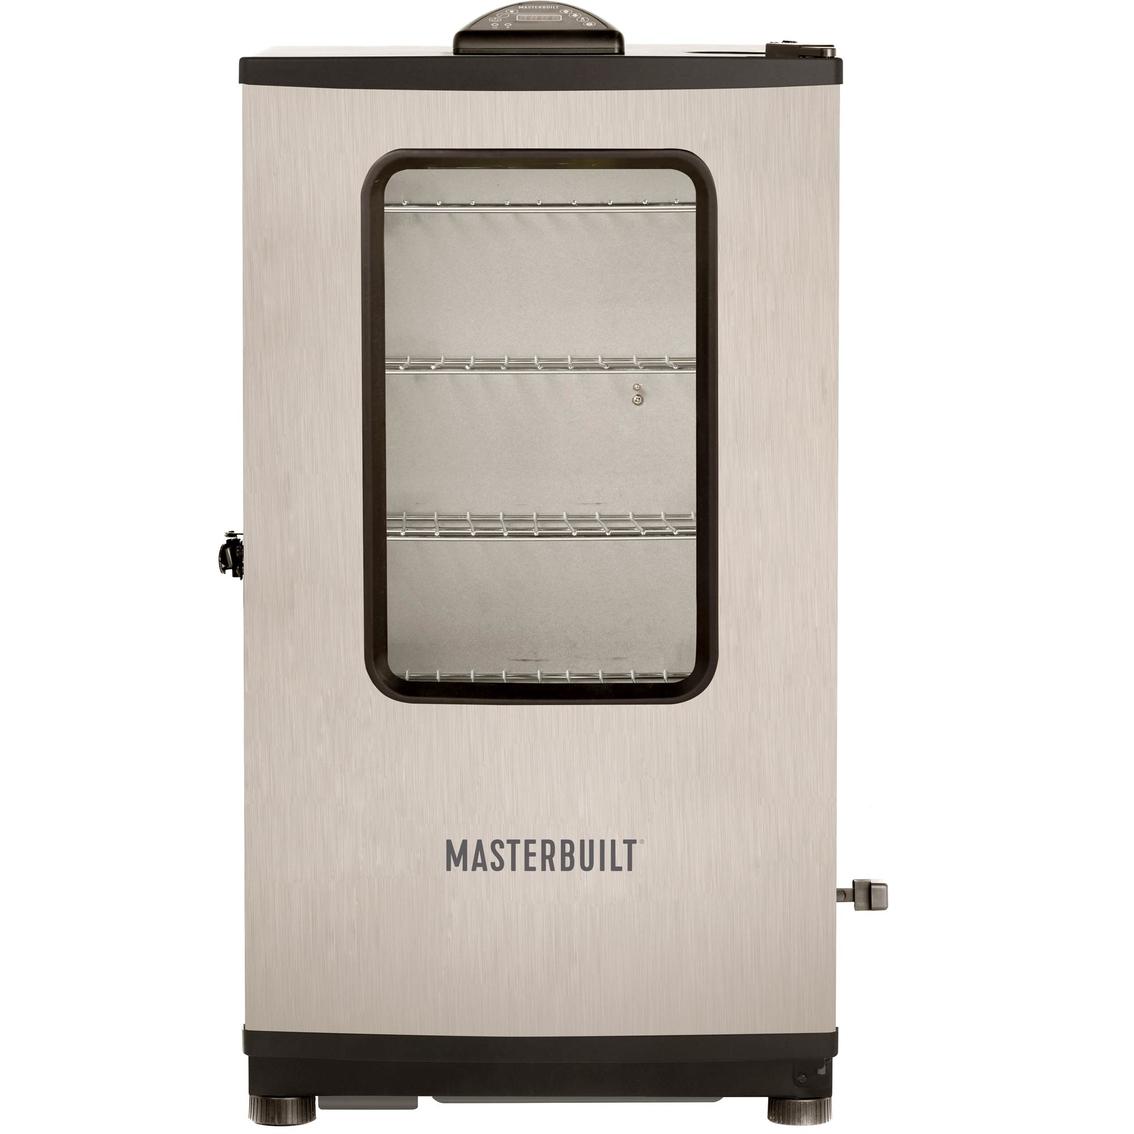 masterbuilt mes 140s digital electric smoker grills smokers fryers patio garden garage shop the exchange